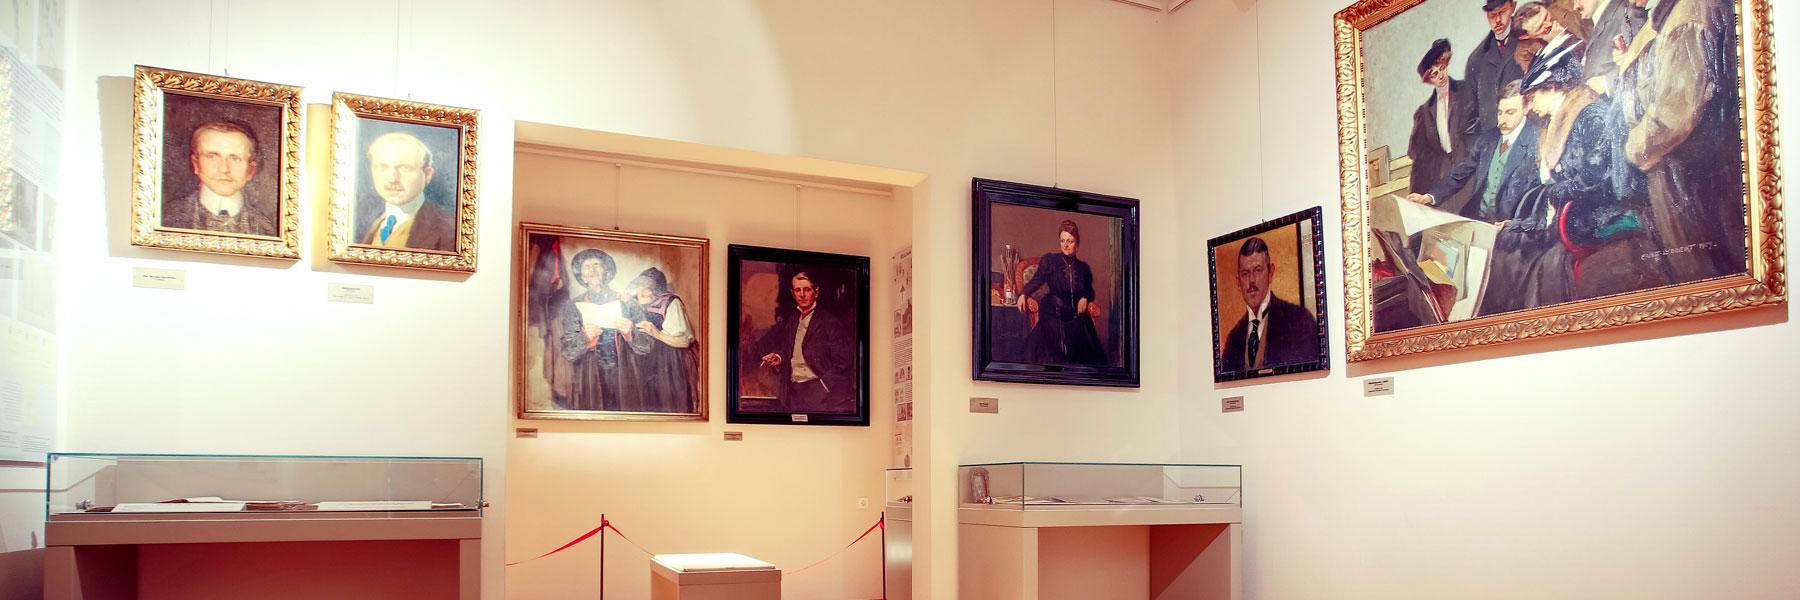 Ausstellung - Fritz-Reuter-Literaturmuseum